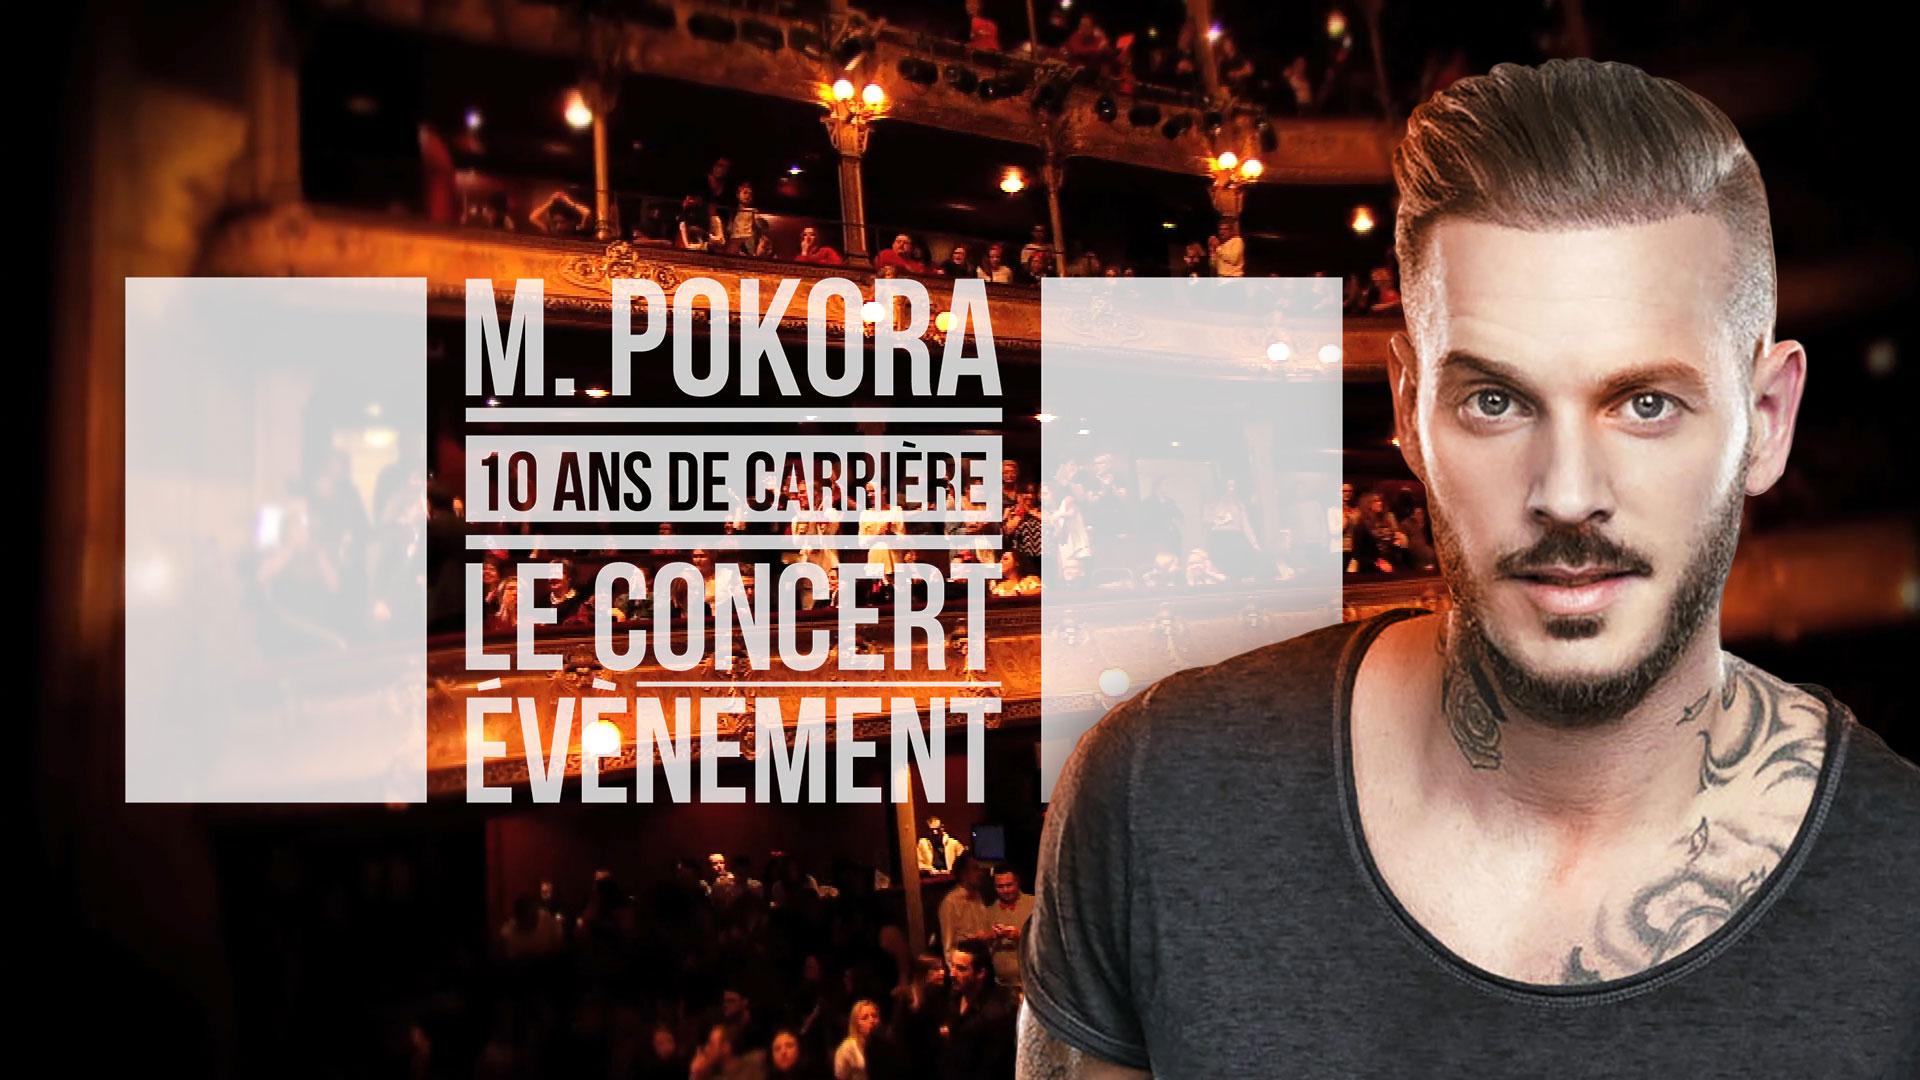 M.POKORA – 10 ANS DE CARRIÈRE